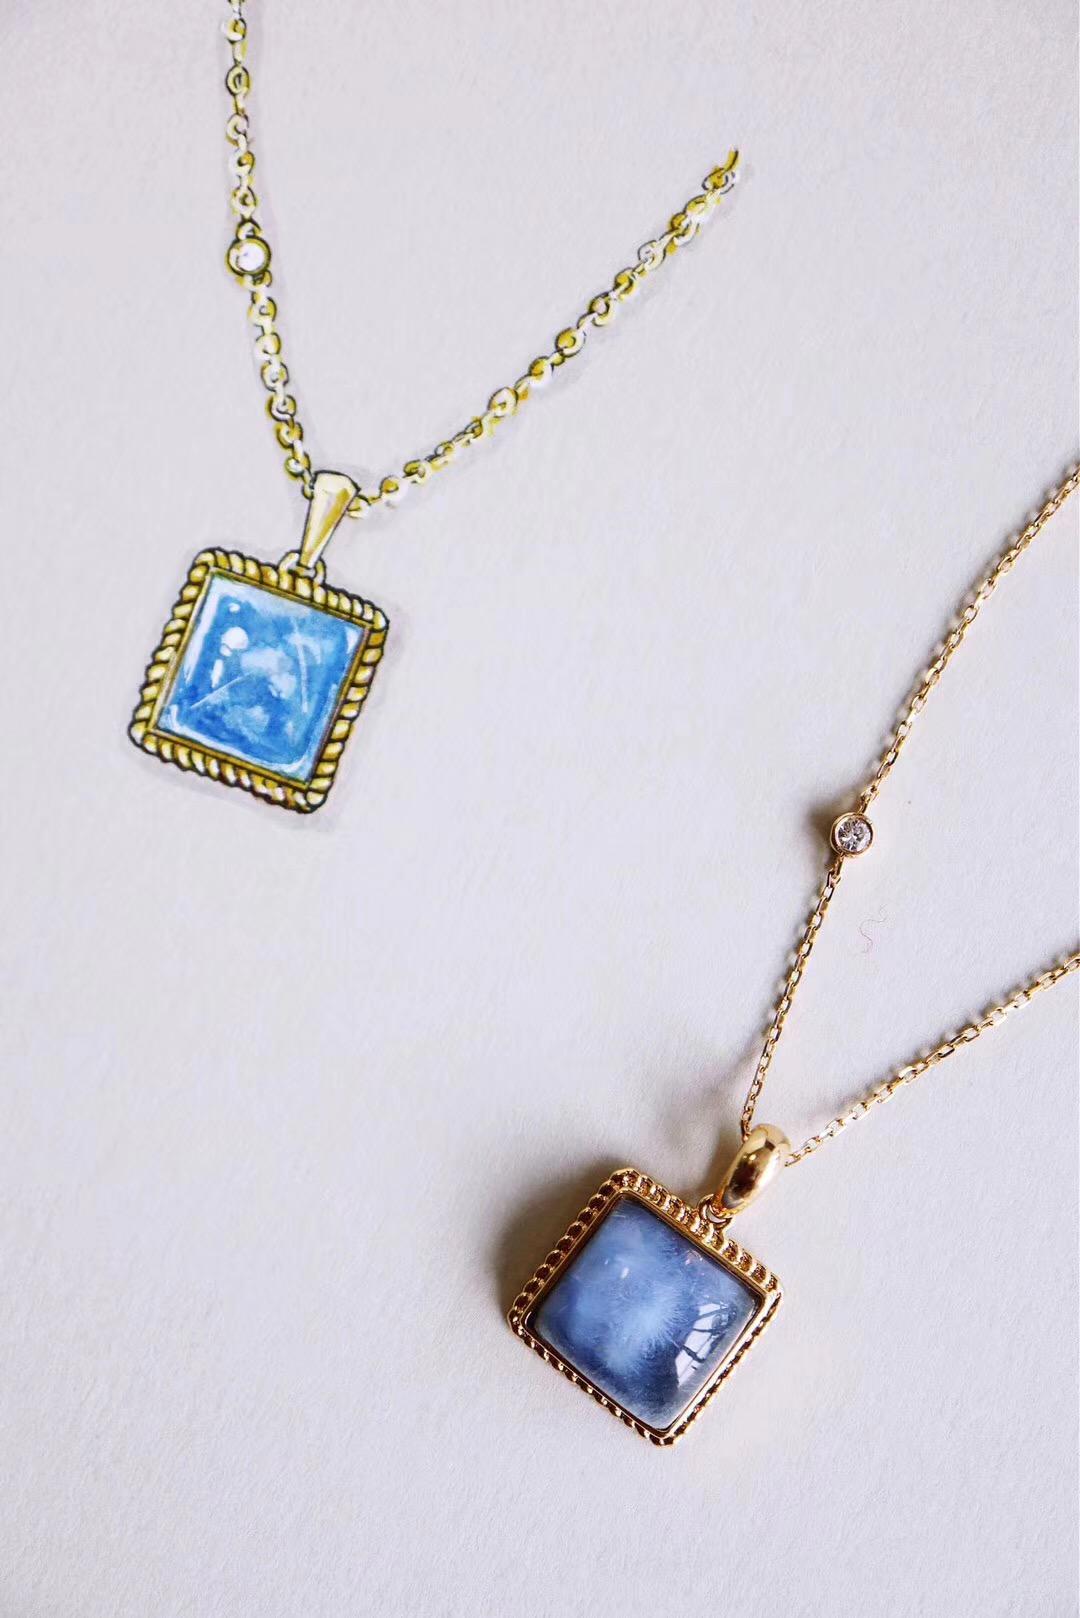 【收藏级蓝发晶】蓝色调,象征和平与稳定,给人信任-菩心晶舍